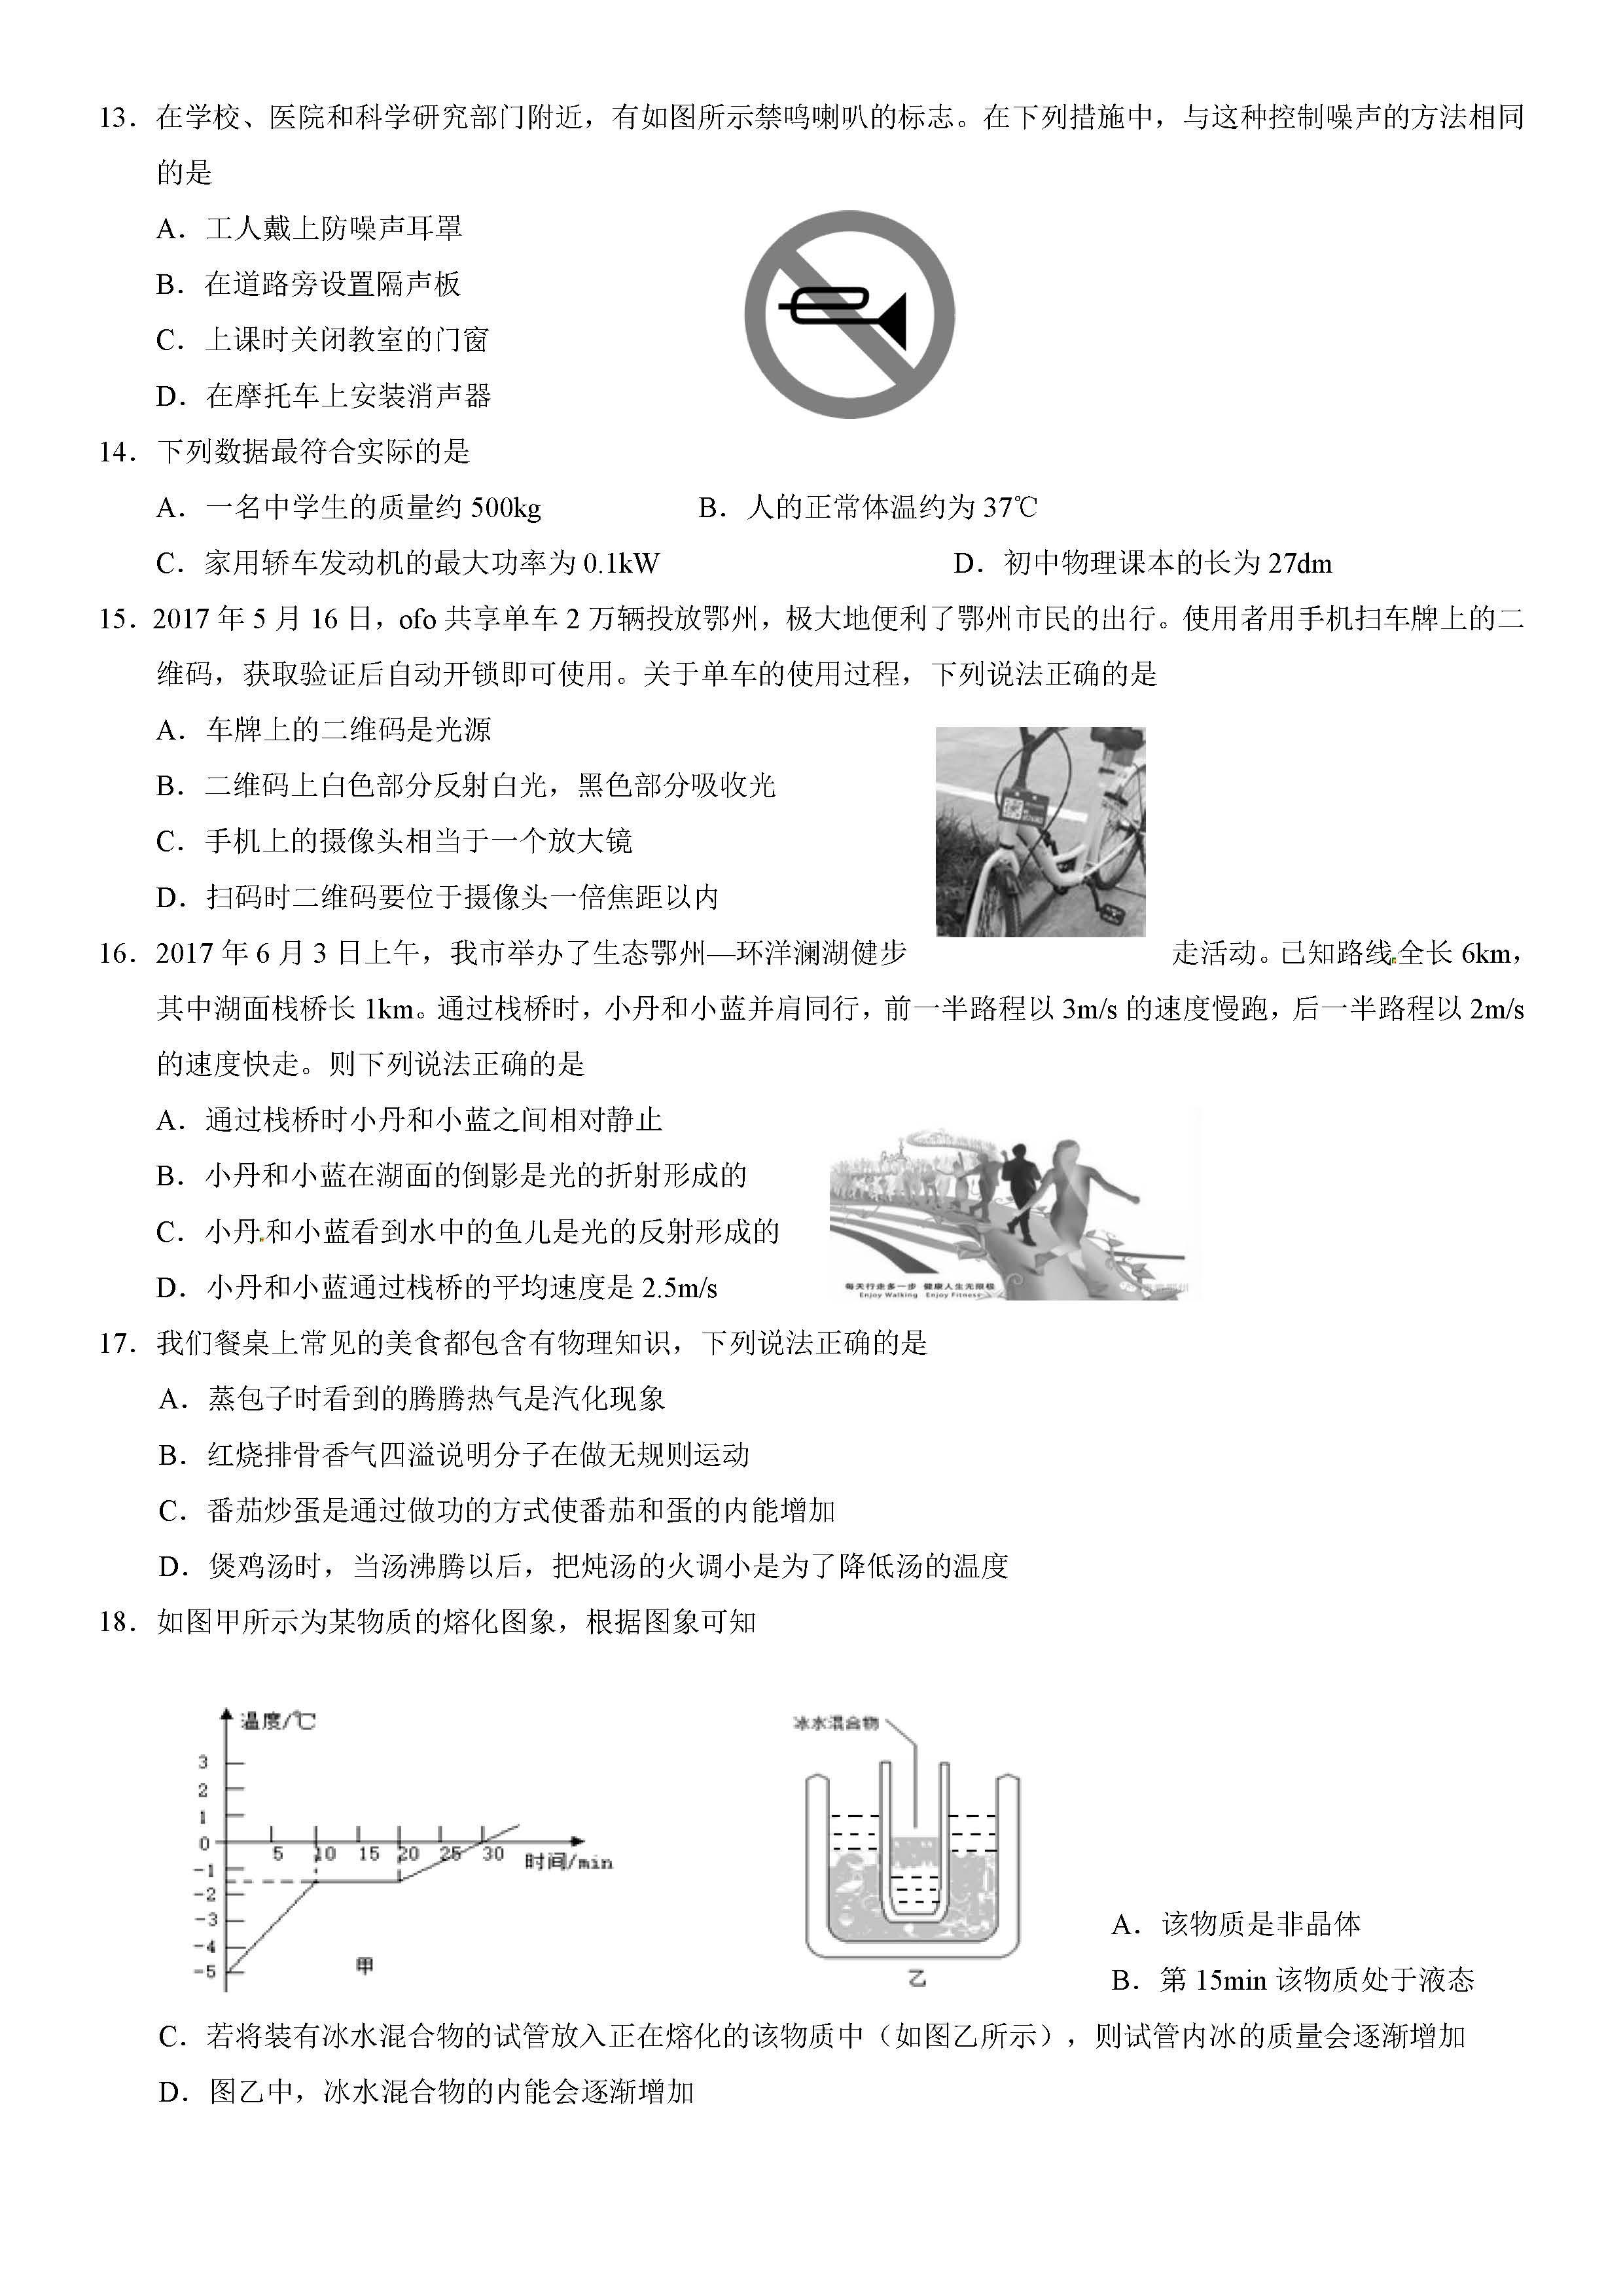 2017鄂州中考物理试题及答案解析(图片版含答案)